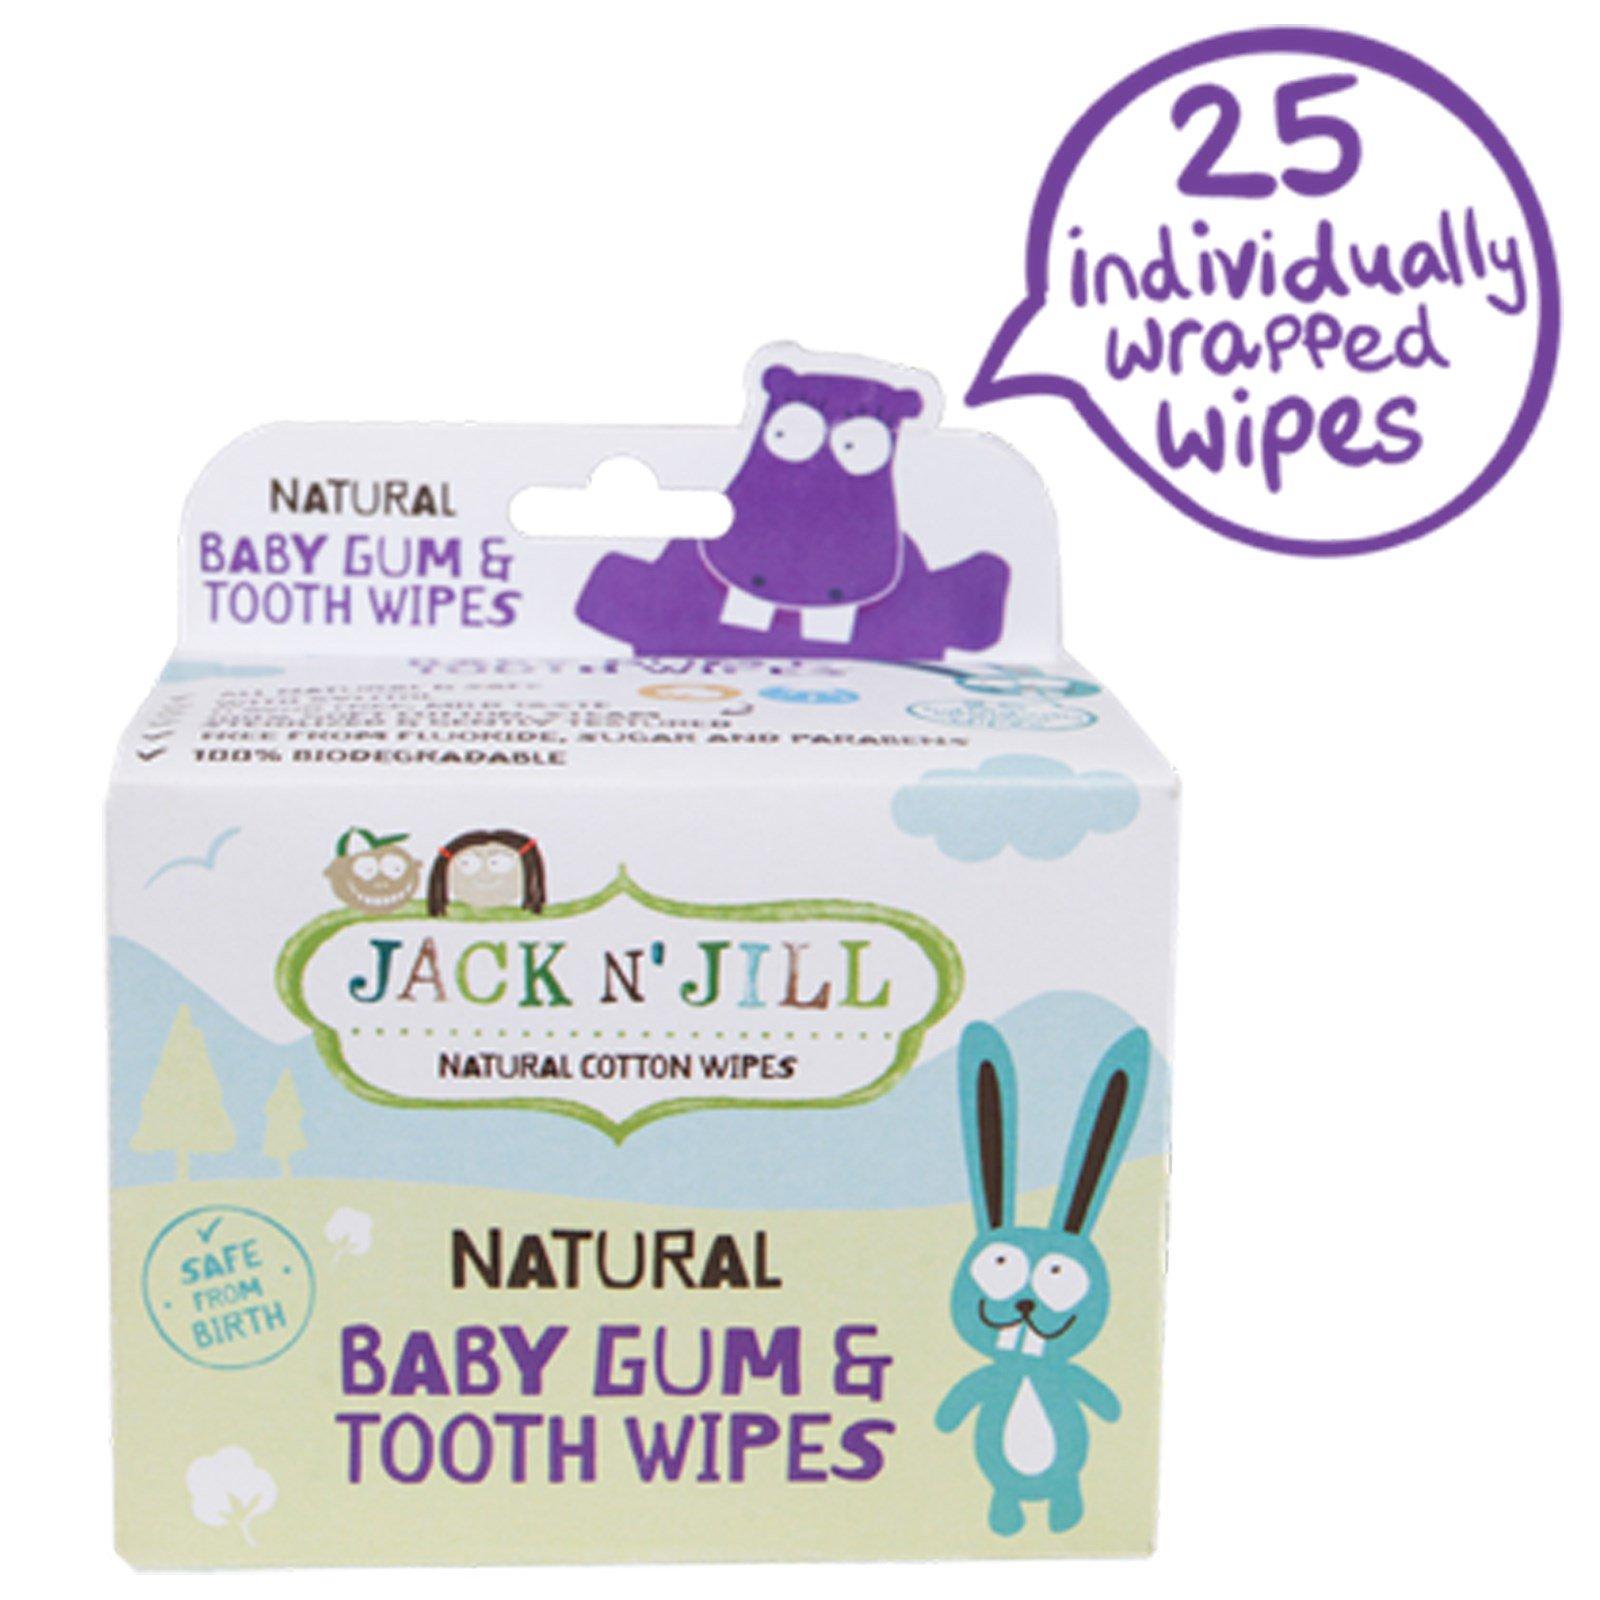 Jack n' Jill, Натуральные влажные салфетки для десен и зубов младенца, 25 салфеток в индивидуальных упаковках